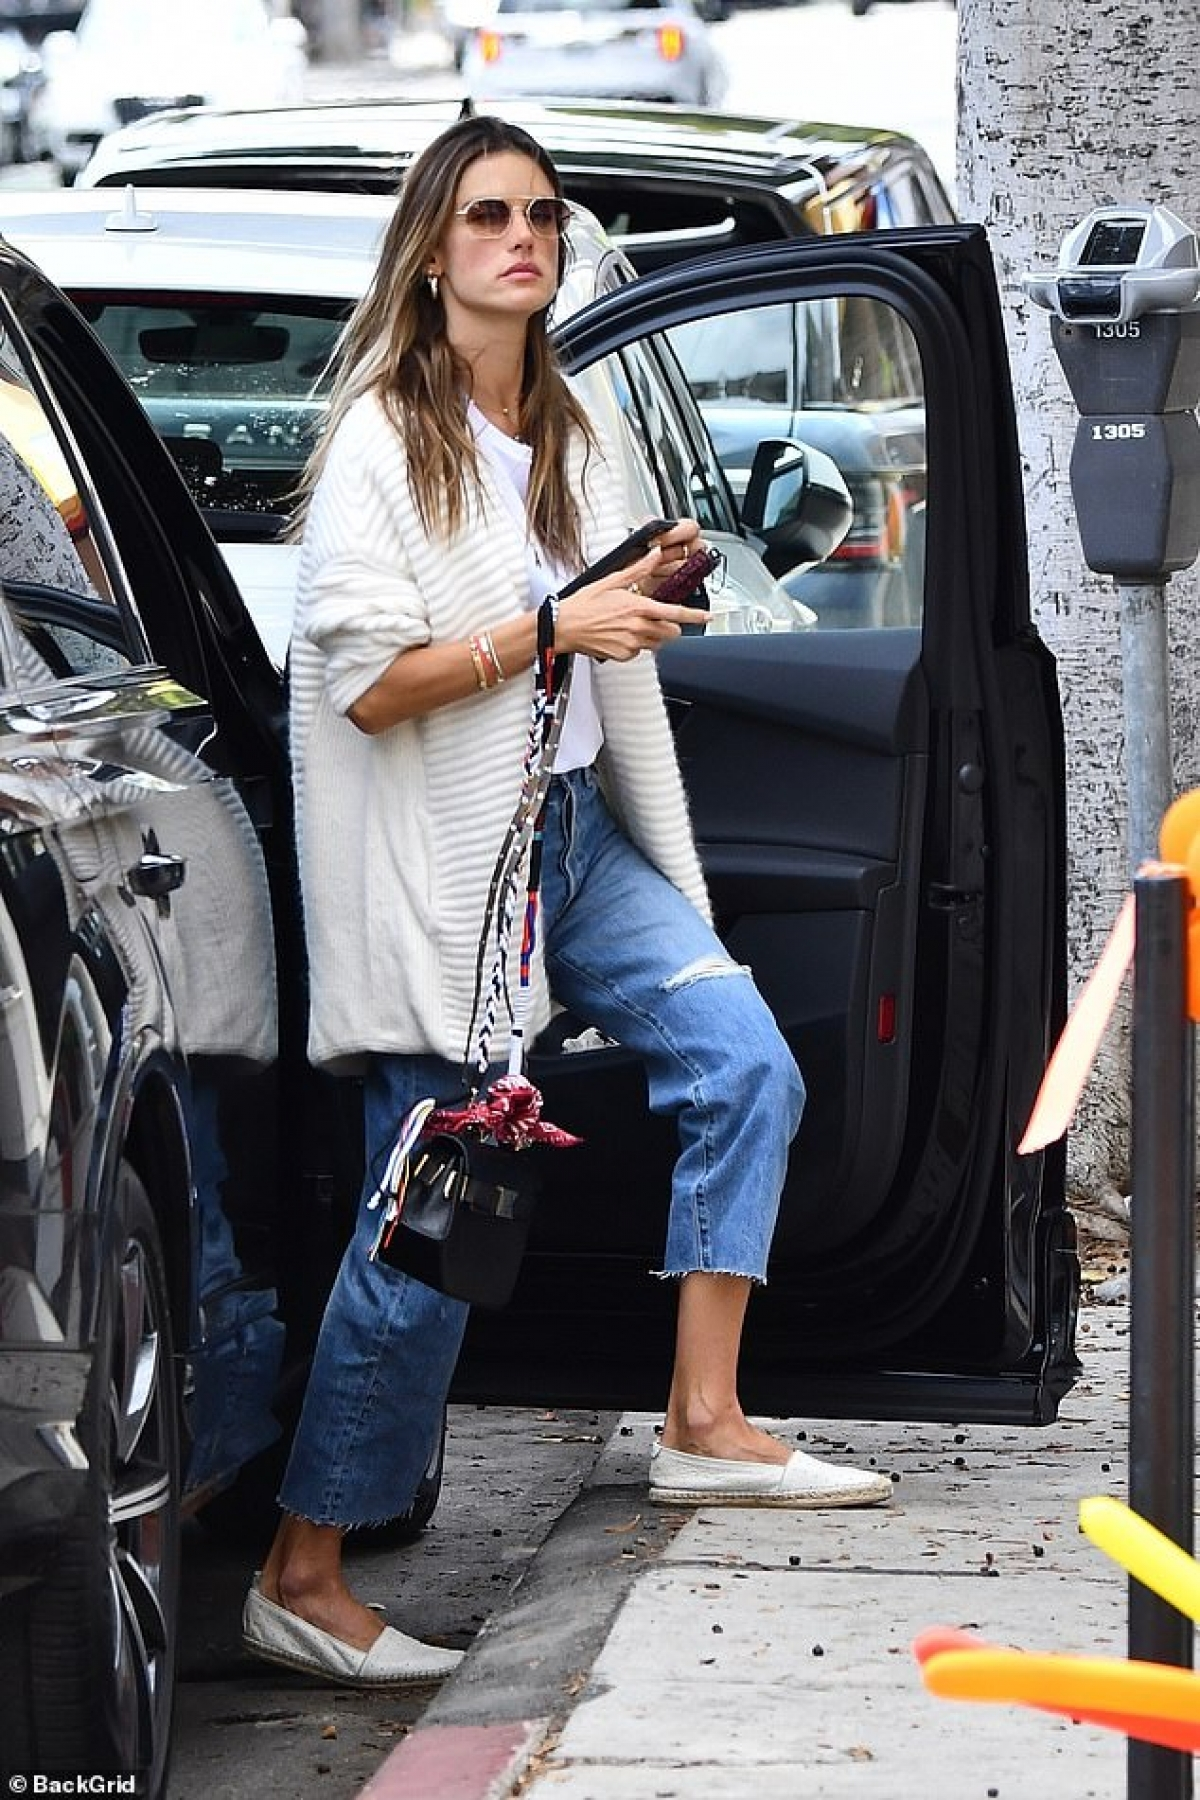 Người đẹp trang điểm nhẹ nhàng, mặc đồ giản dị ra phố.